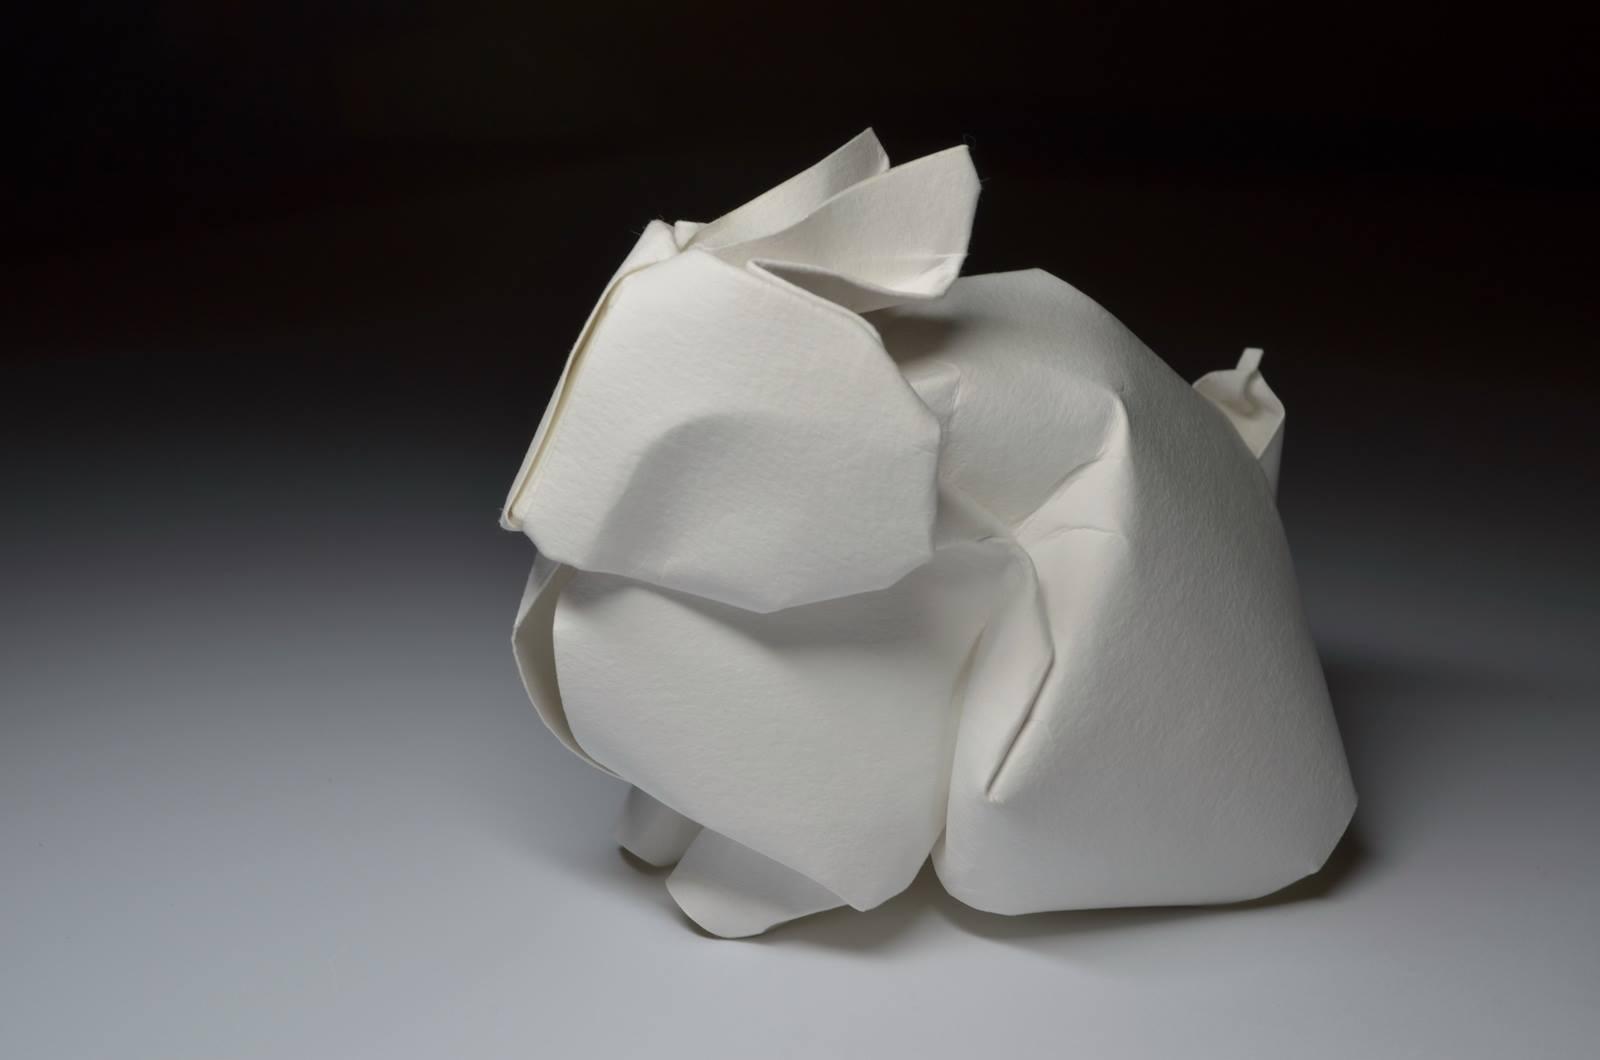 curved origami by ho u00e0ng ti u1ebfn quy u1ebft  u2022 lazer horse